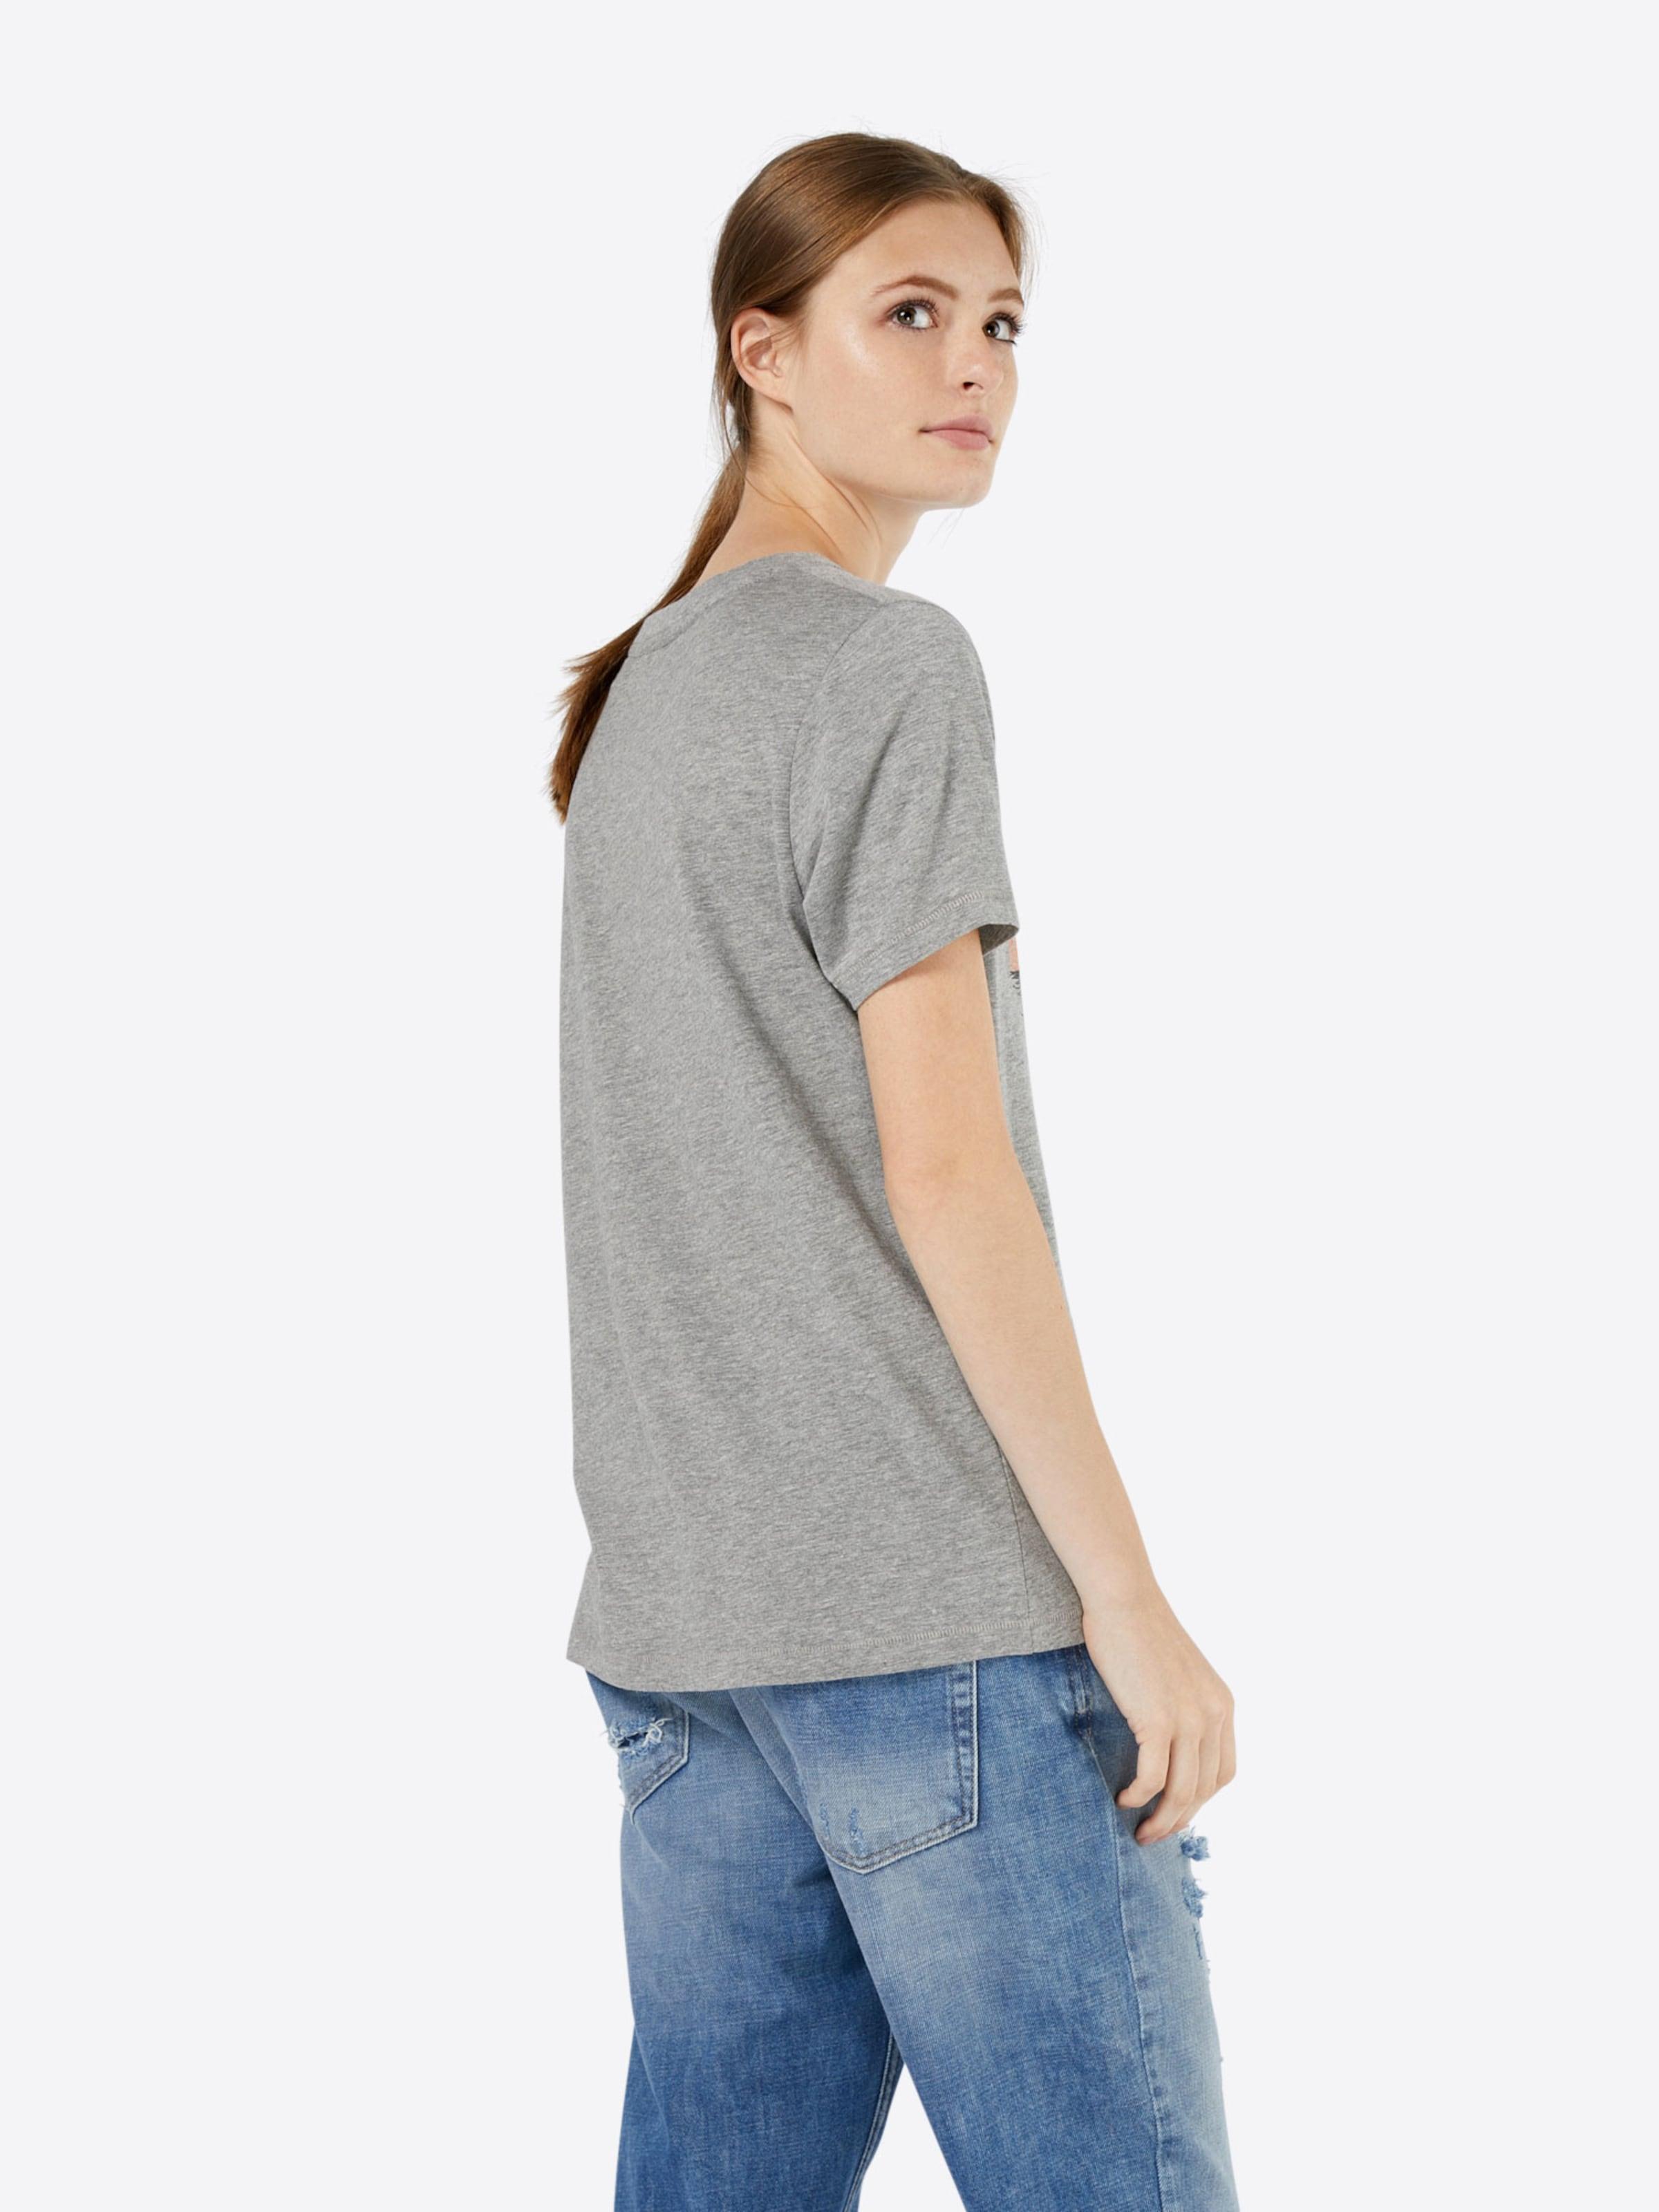 Günstig Kaufen Freies Verschiffen O'NEILL T-Shirt 'LW TOPAZ LAKE' Online Kaufen Authentisch Verkauf Visum Zahlung CCYUlj